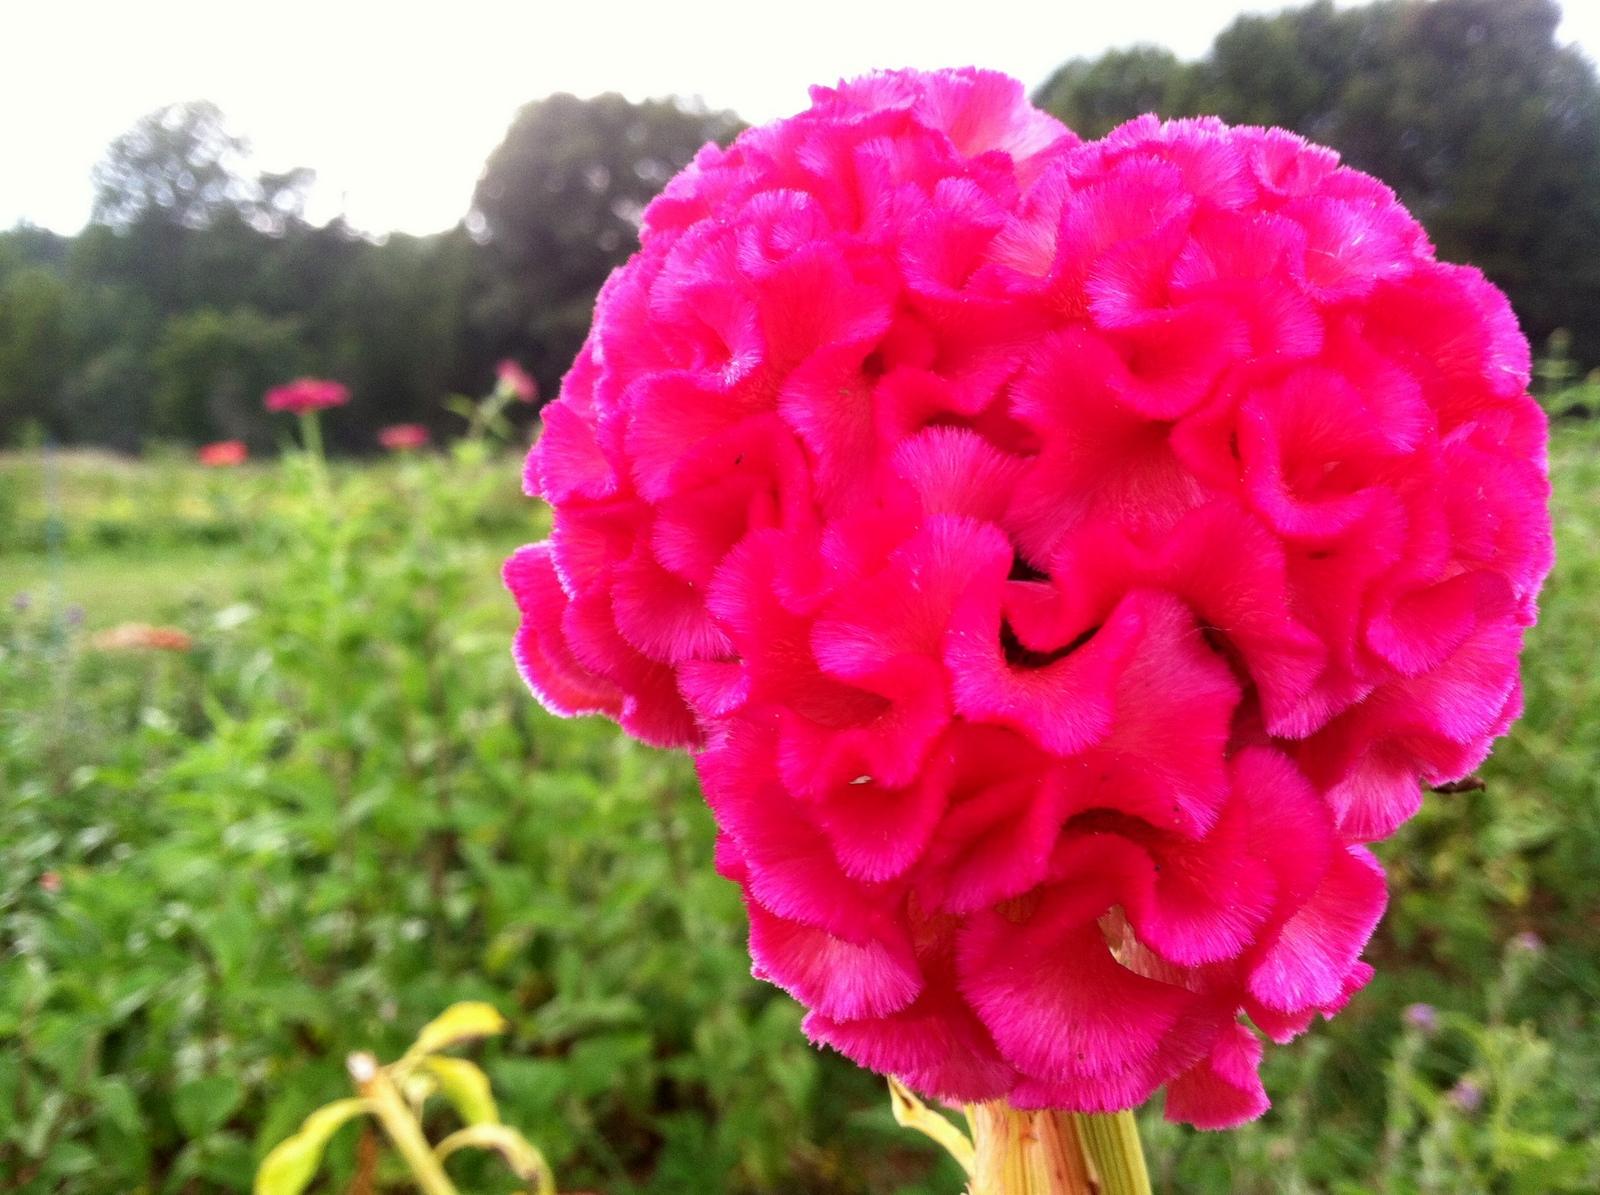 Celosia argentea cristata  'Chief Rose'